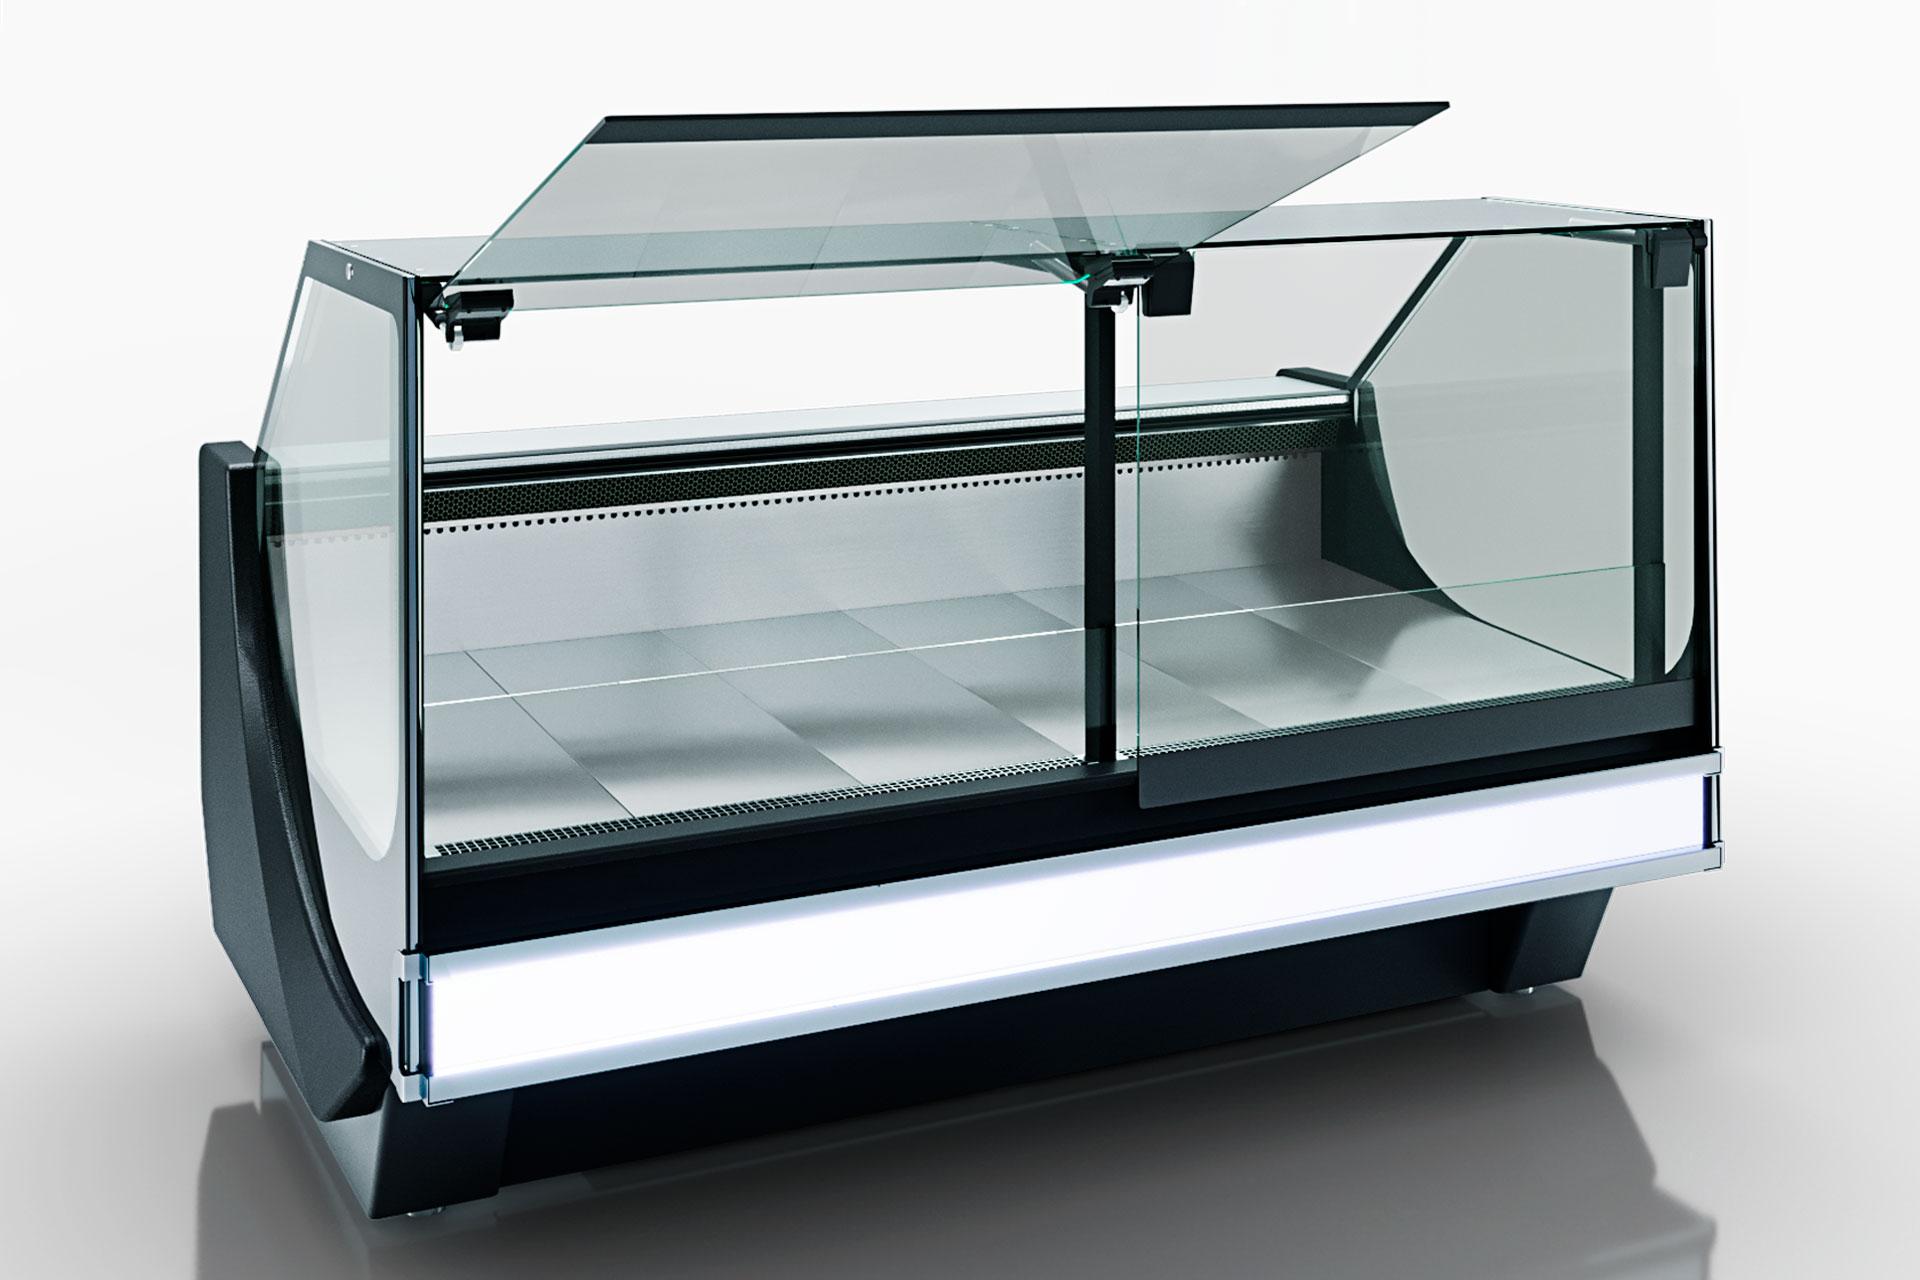 Refrigerated counters Missouri cold diamond MC 115 deli PS 121-DLM/DLA